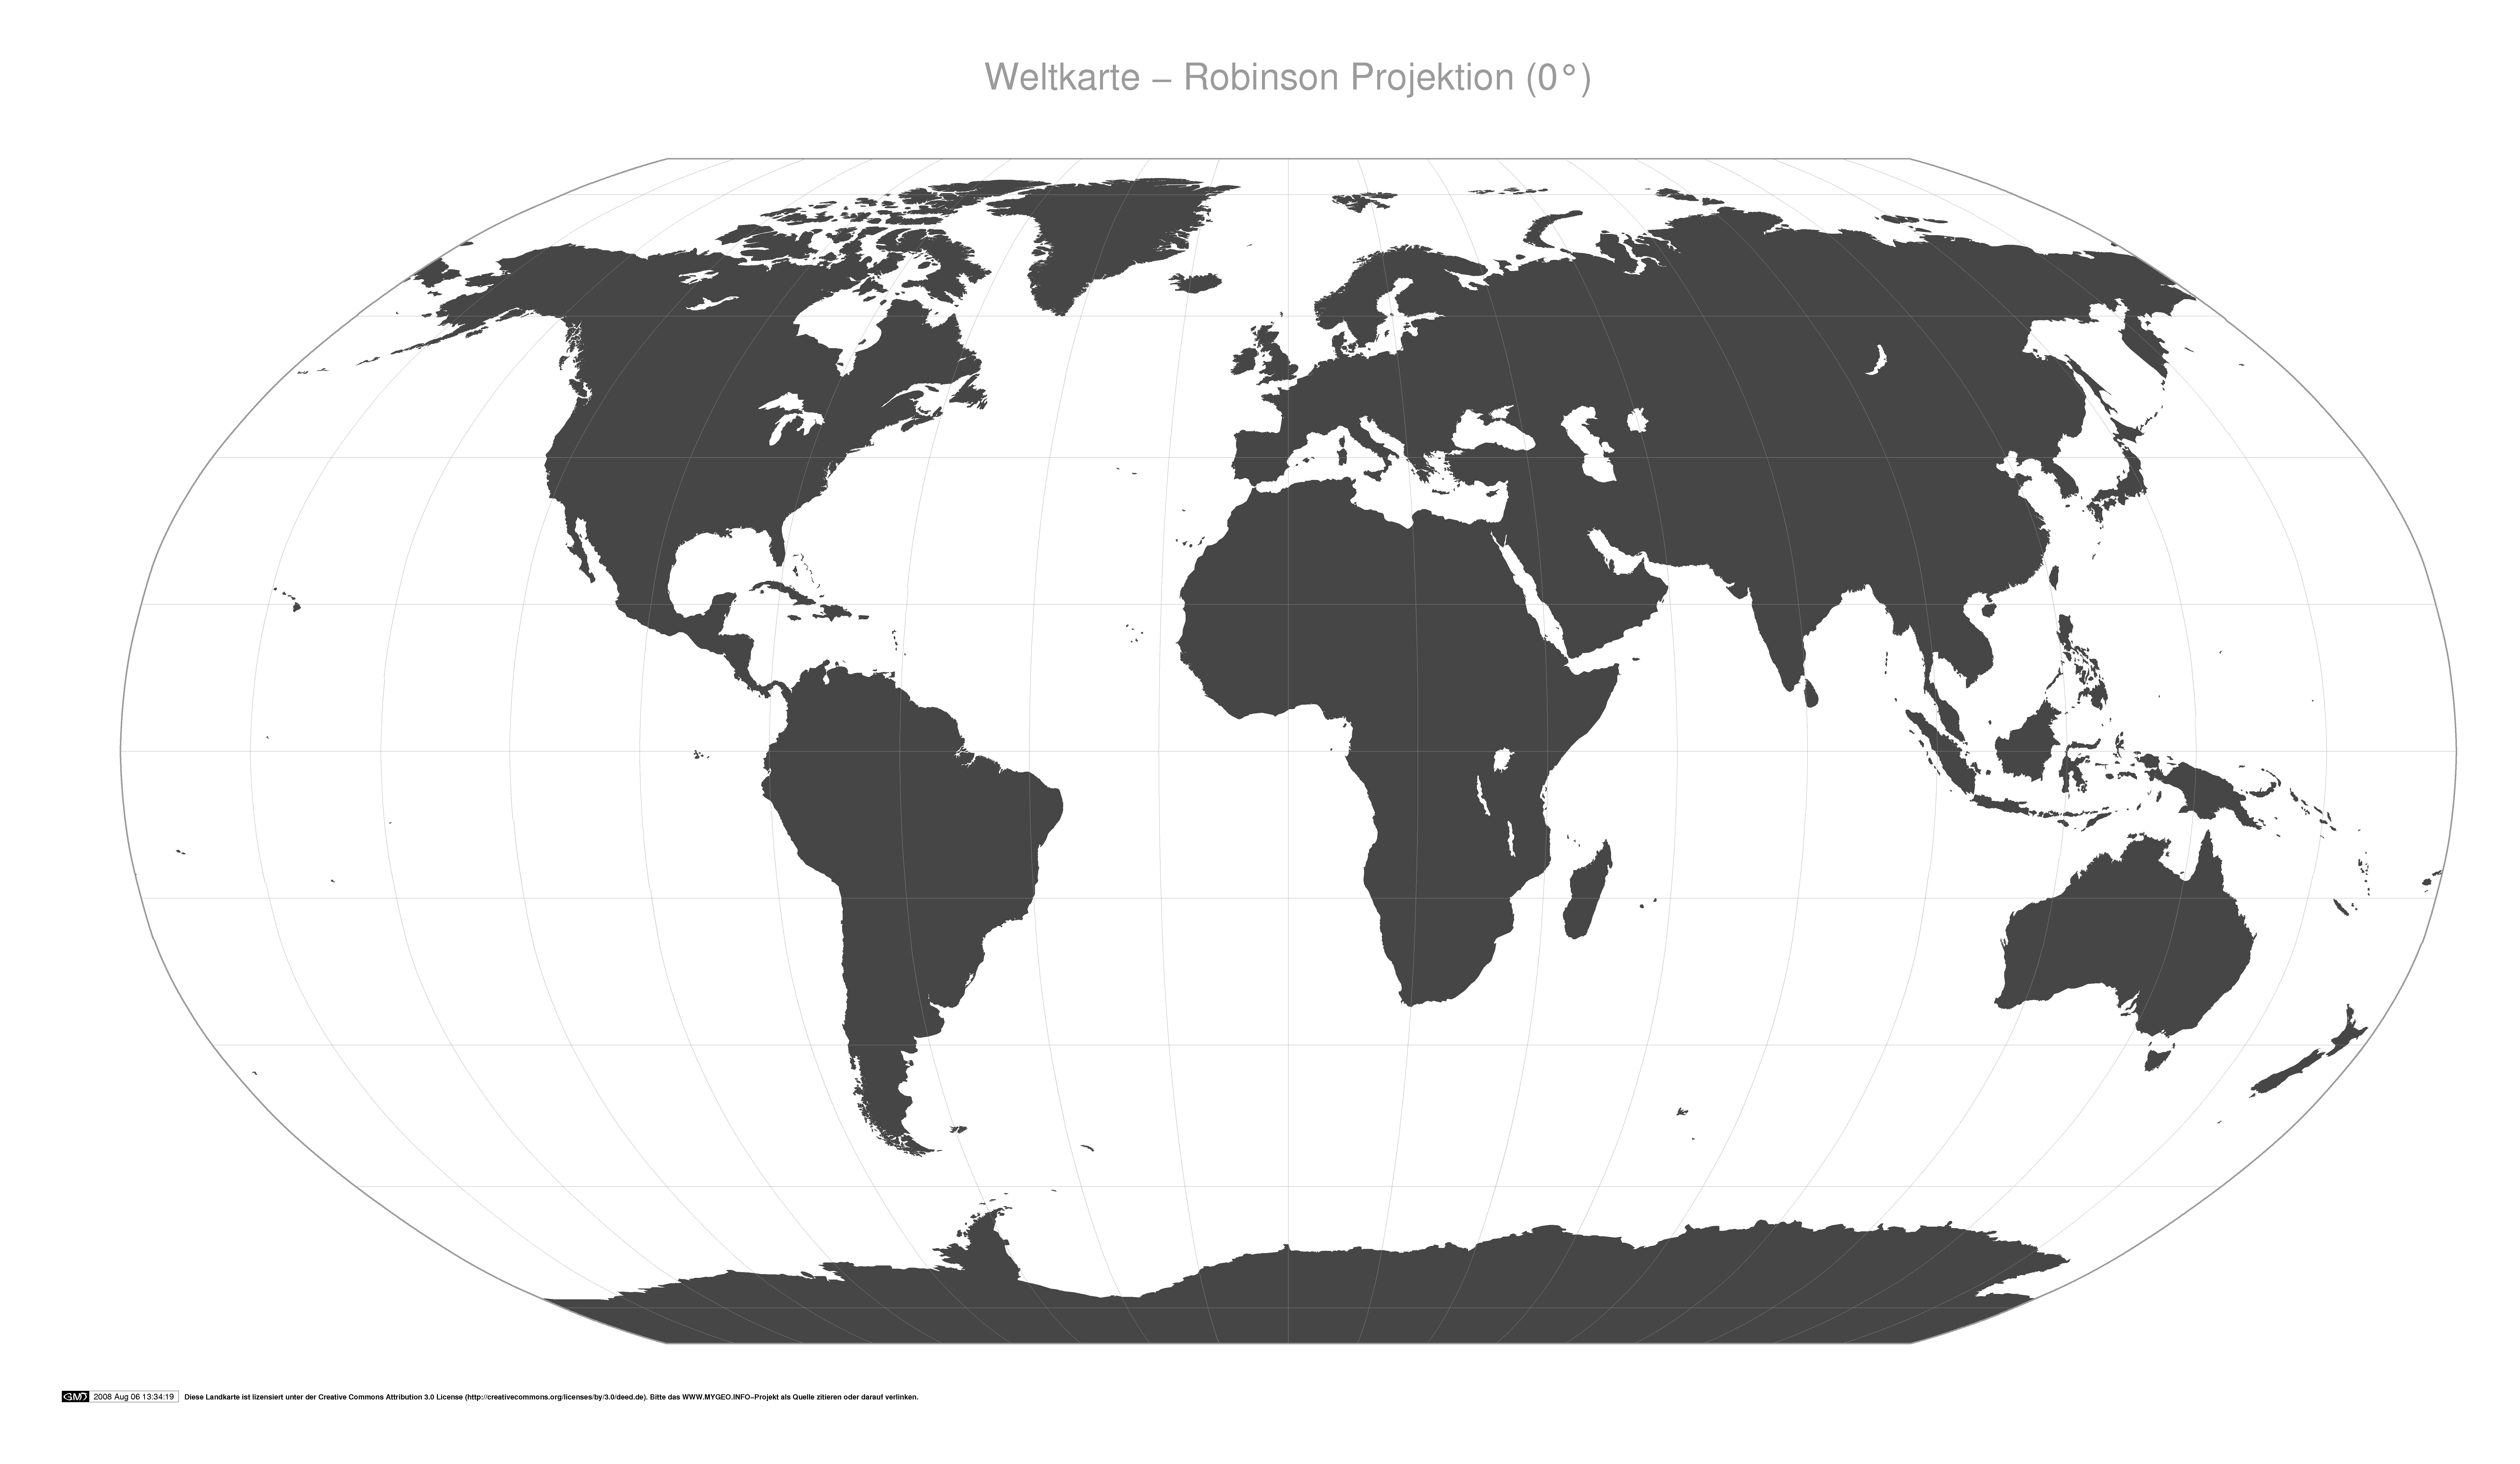 Karte Europa Schwarz Weiss.Weltkarte Din A4 Zum Ausdrucken Kostenlos Schwarz Weiss